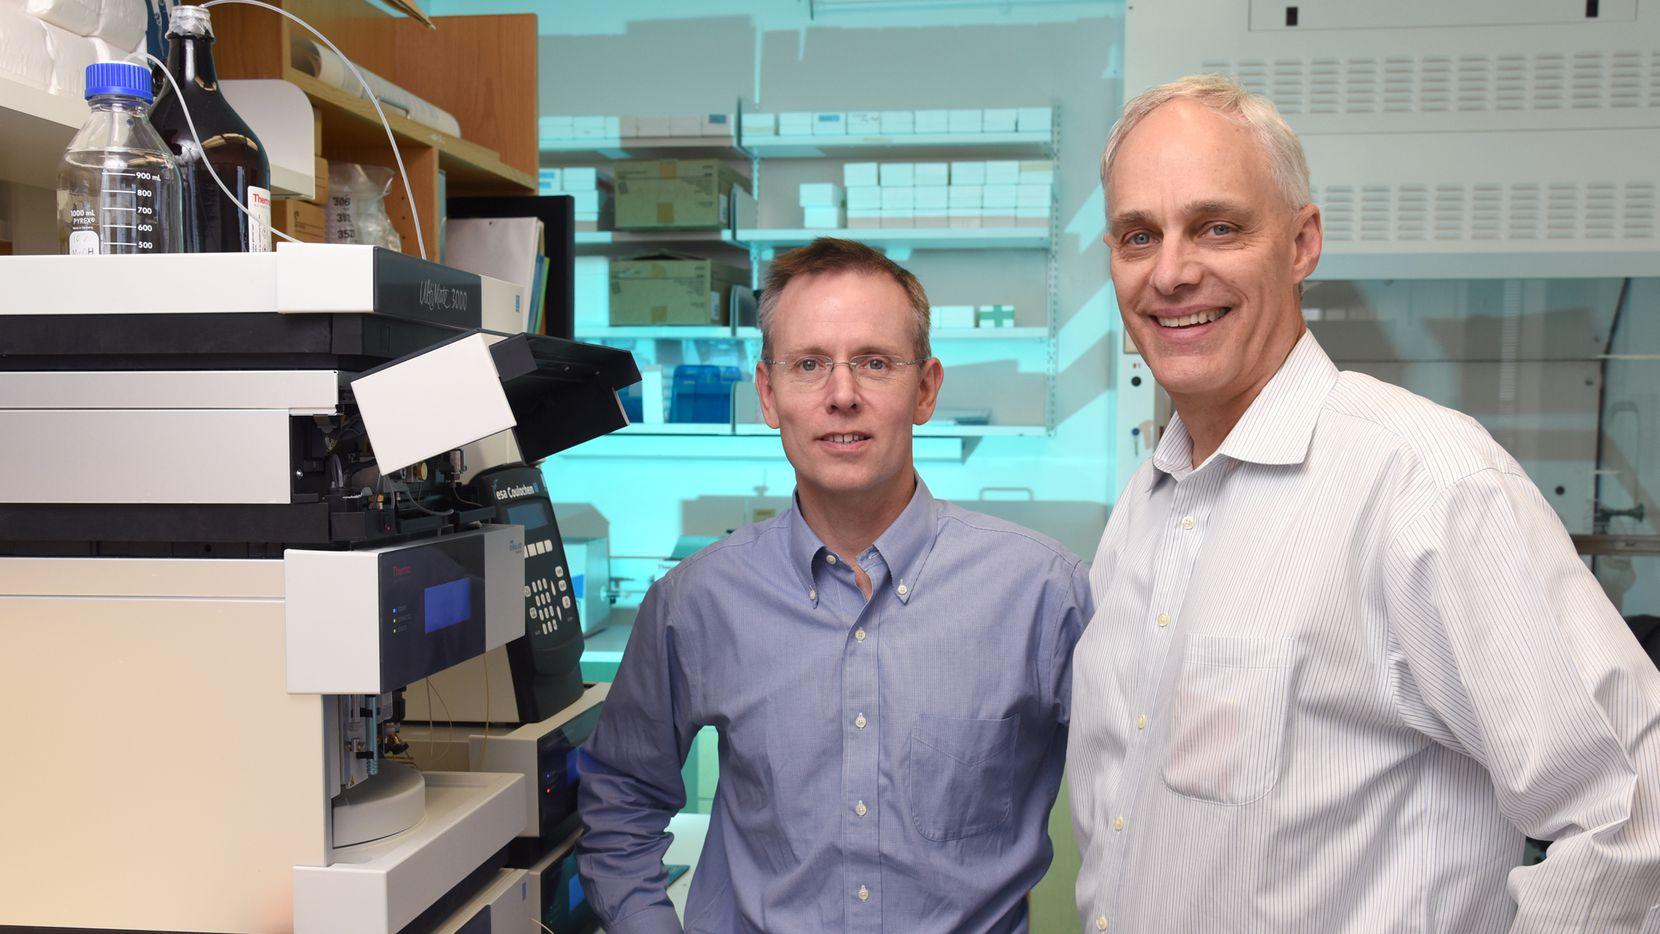 Dr. Steven Kliewer (left) and Dr. David Mangelsdorf in their lab at the UT Southwestern Medical Center.